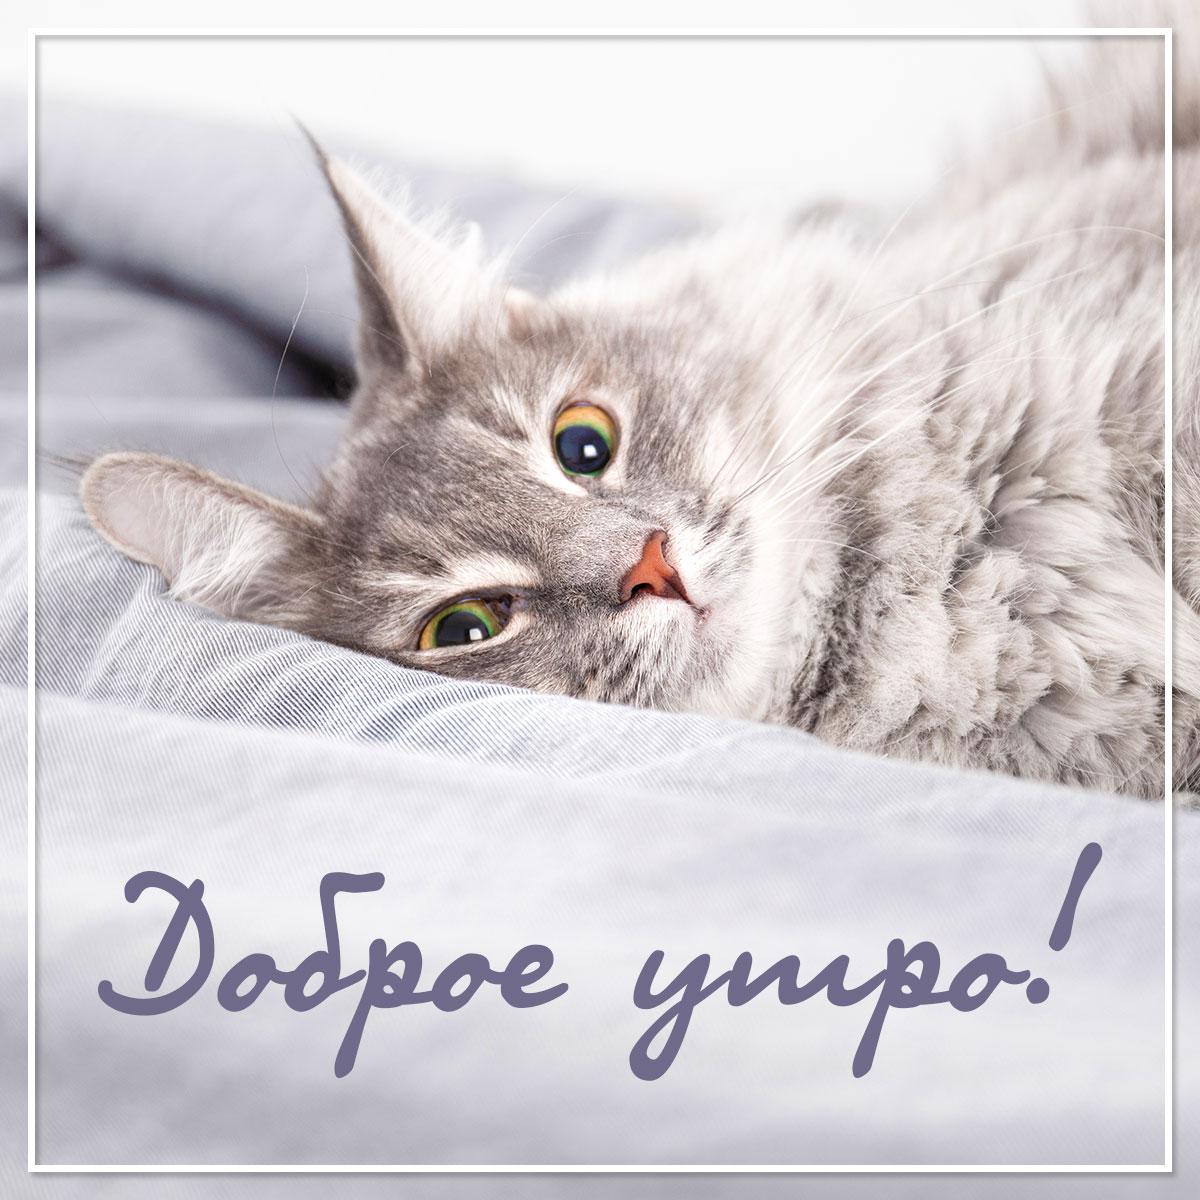 Фото серой кошки, лежащей на постели с рукописным текстом доброе утро!